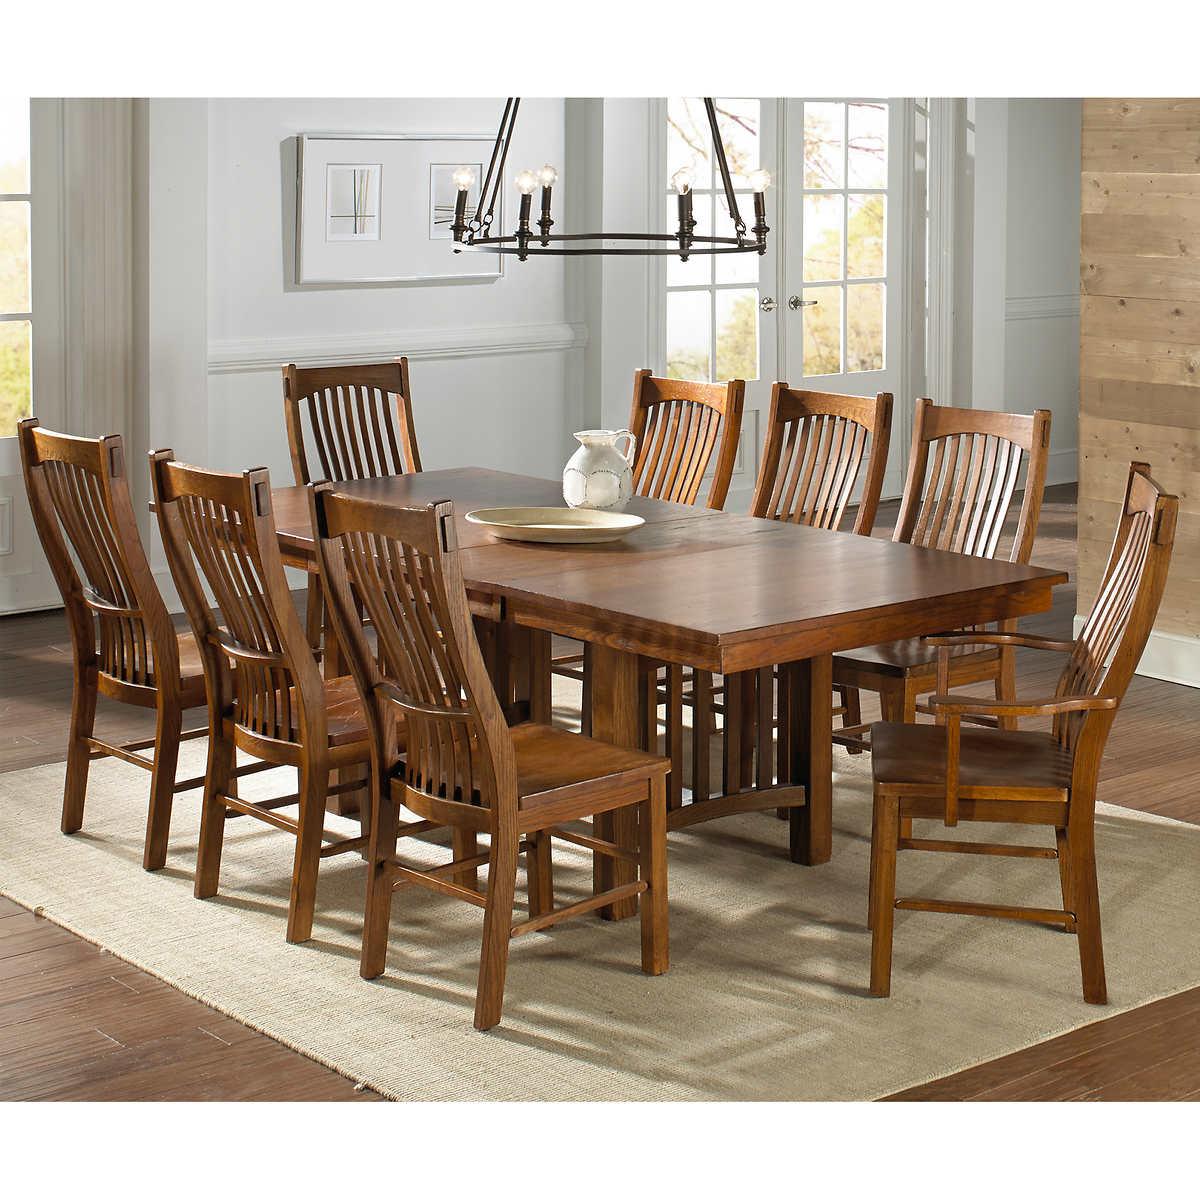 santeelah 9 piece dining set santeelah 9 piece dining set item 623511 click to zoom